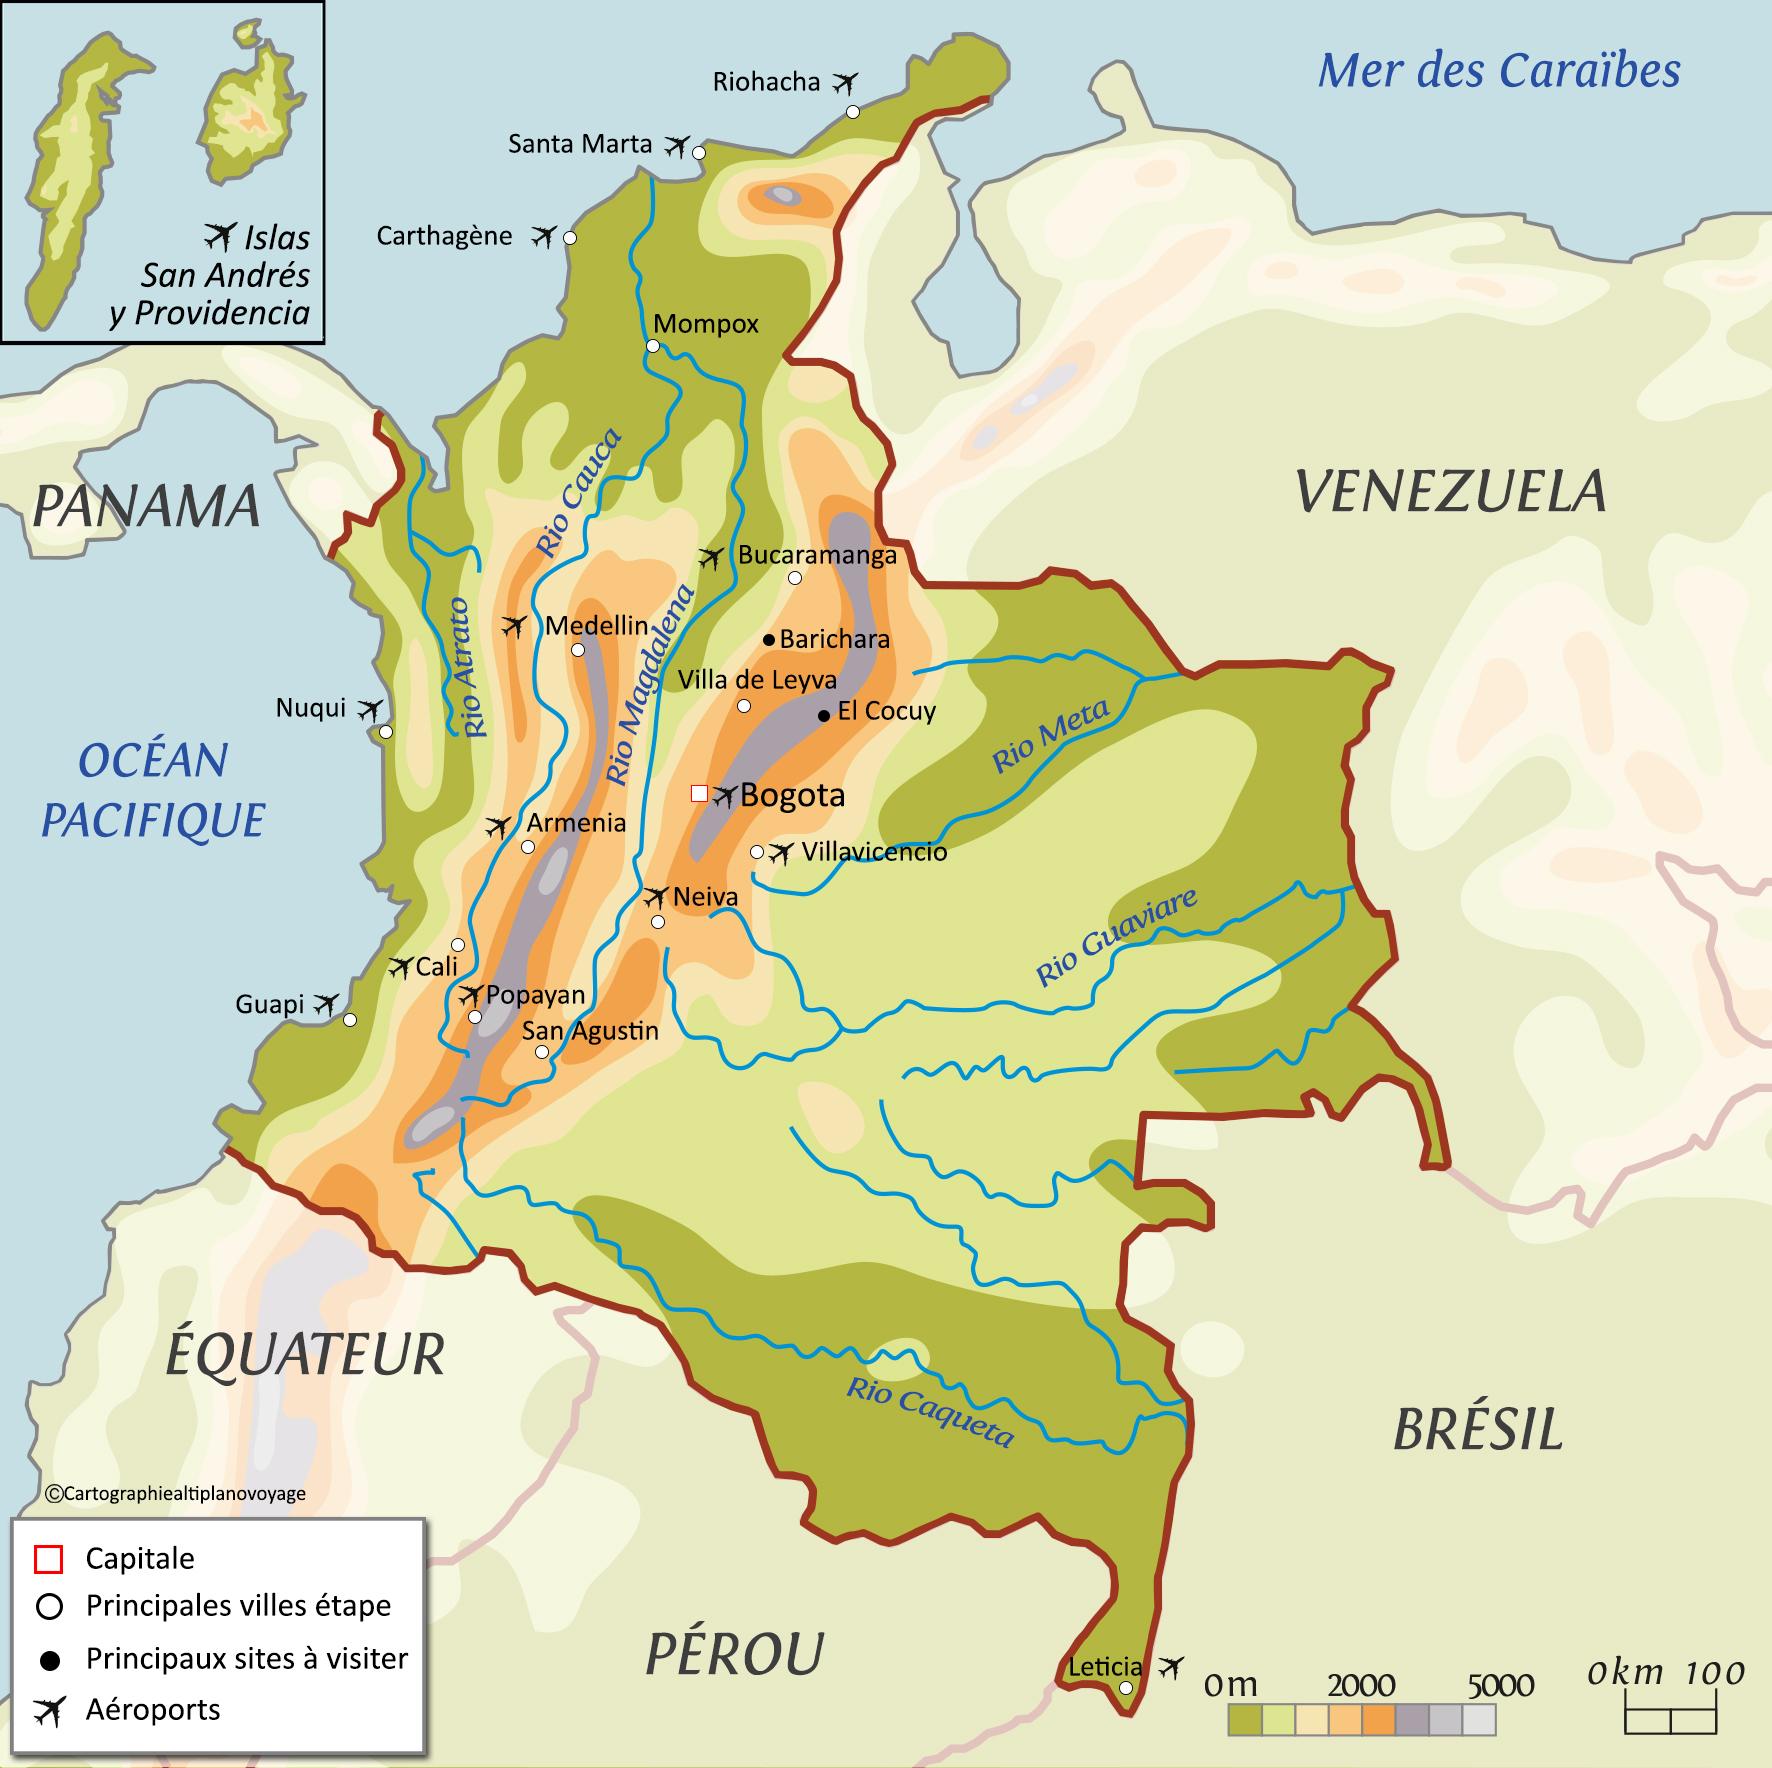 Site de rencontre colombie-britannique